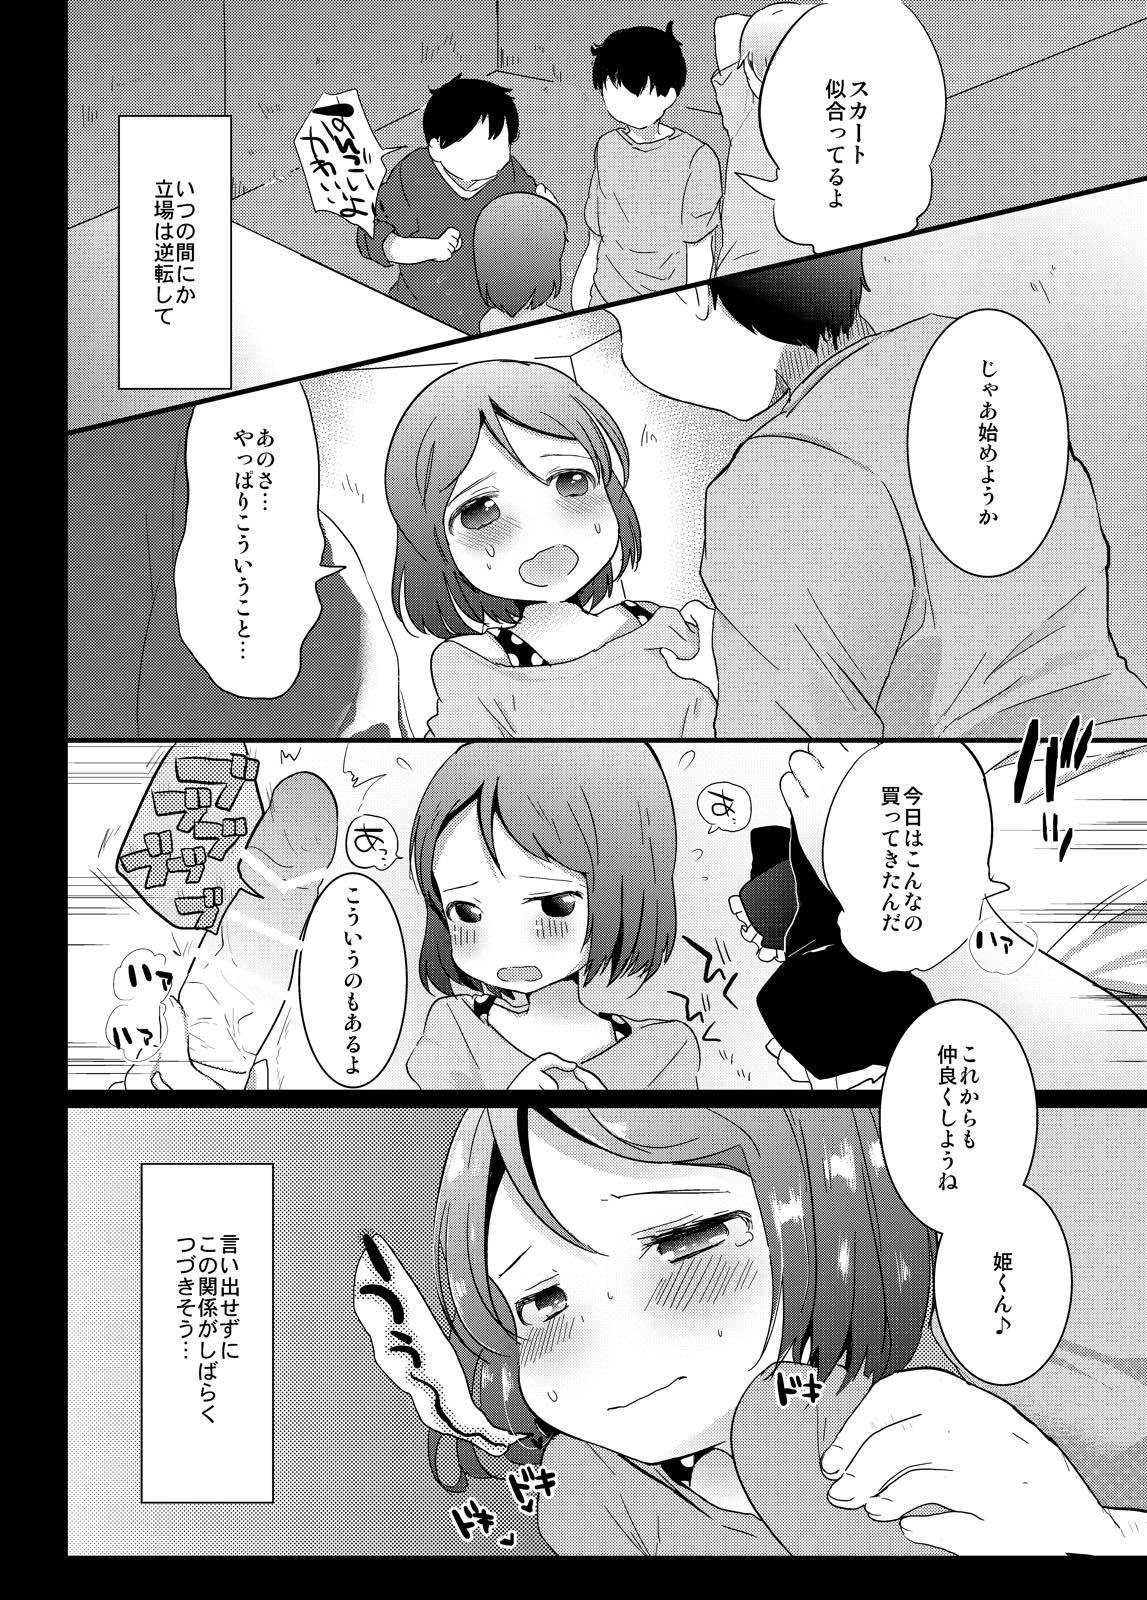 w_55_otasa_0024